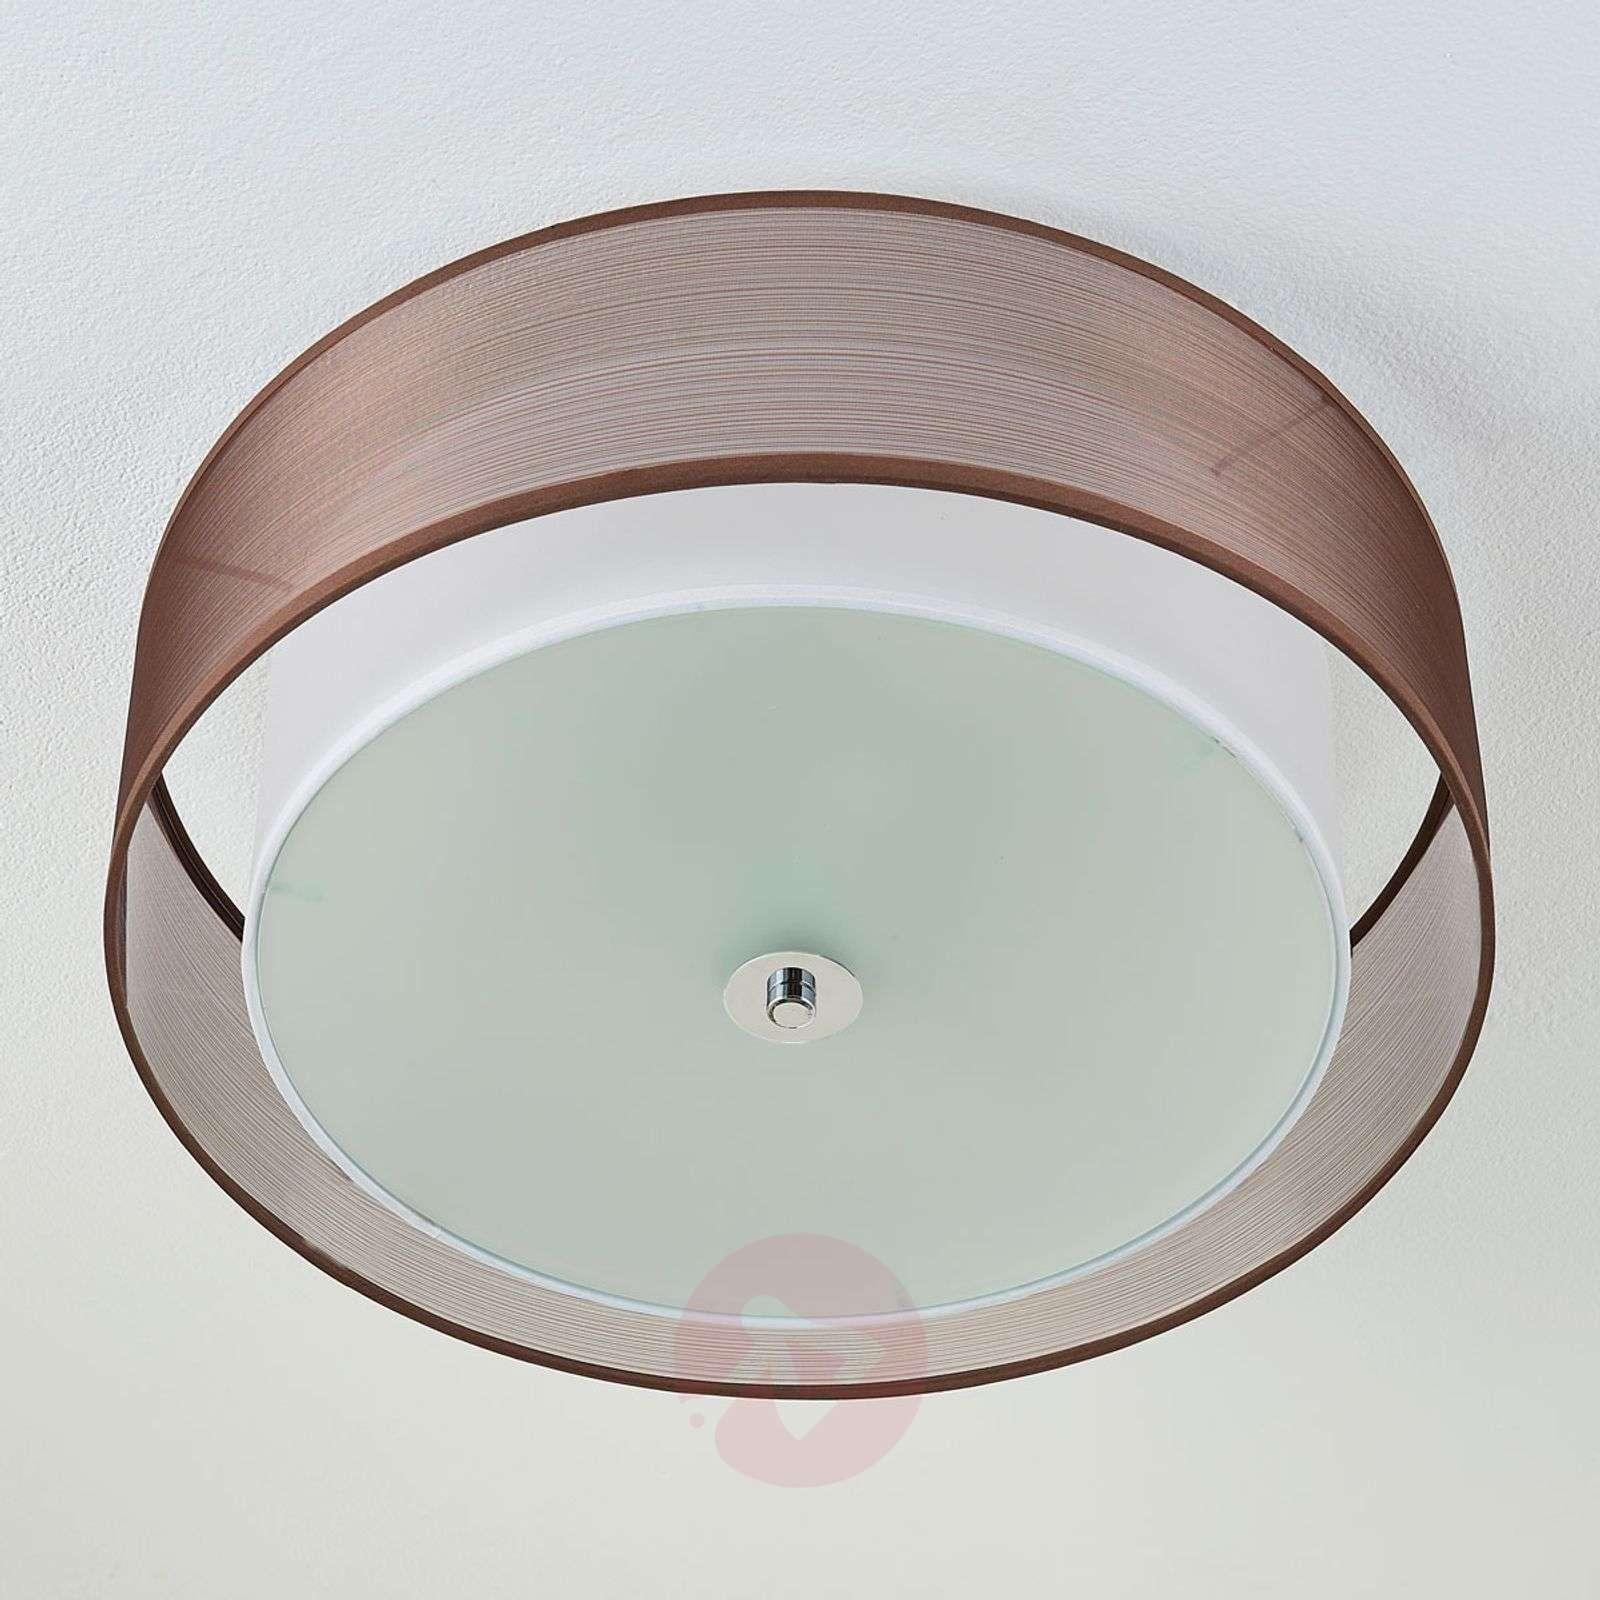 Ruskea LED-kangaskattovalaisin Tobia, easydim-9621291-02